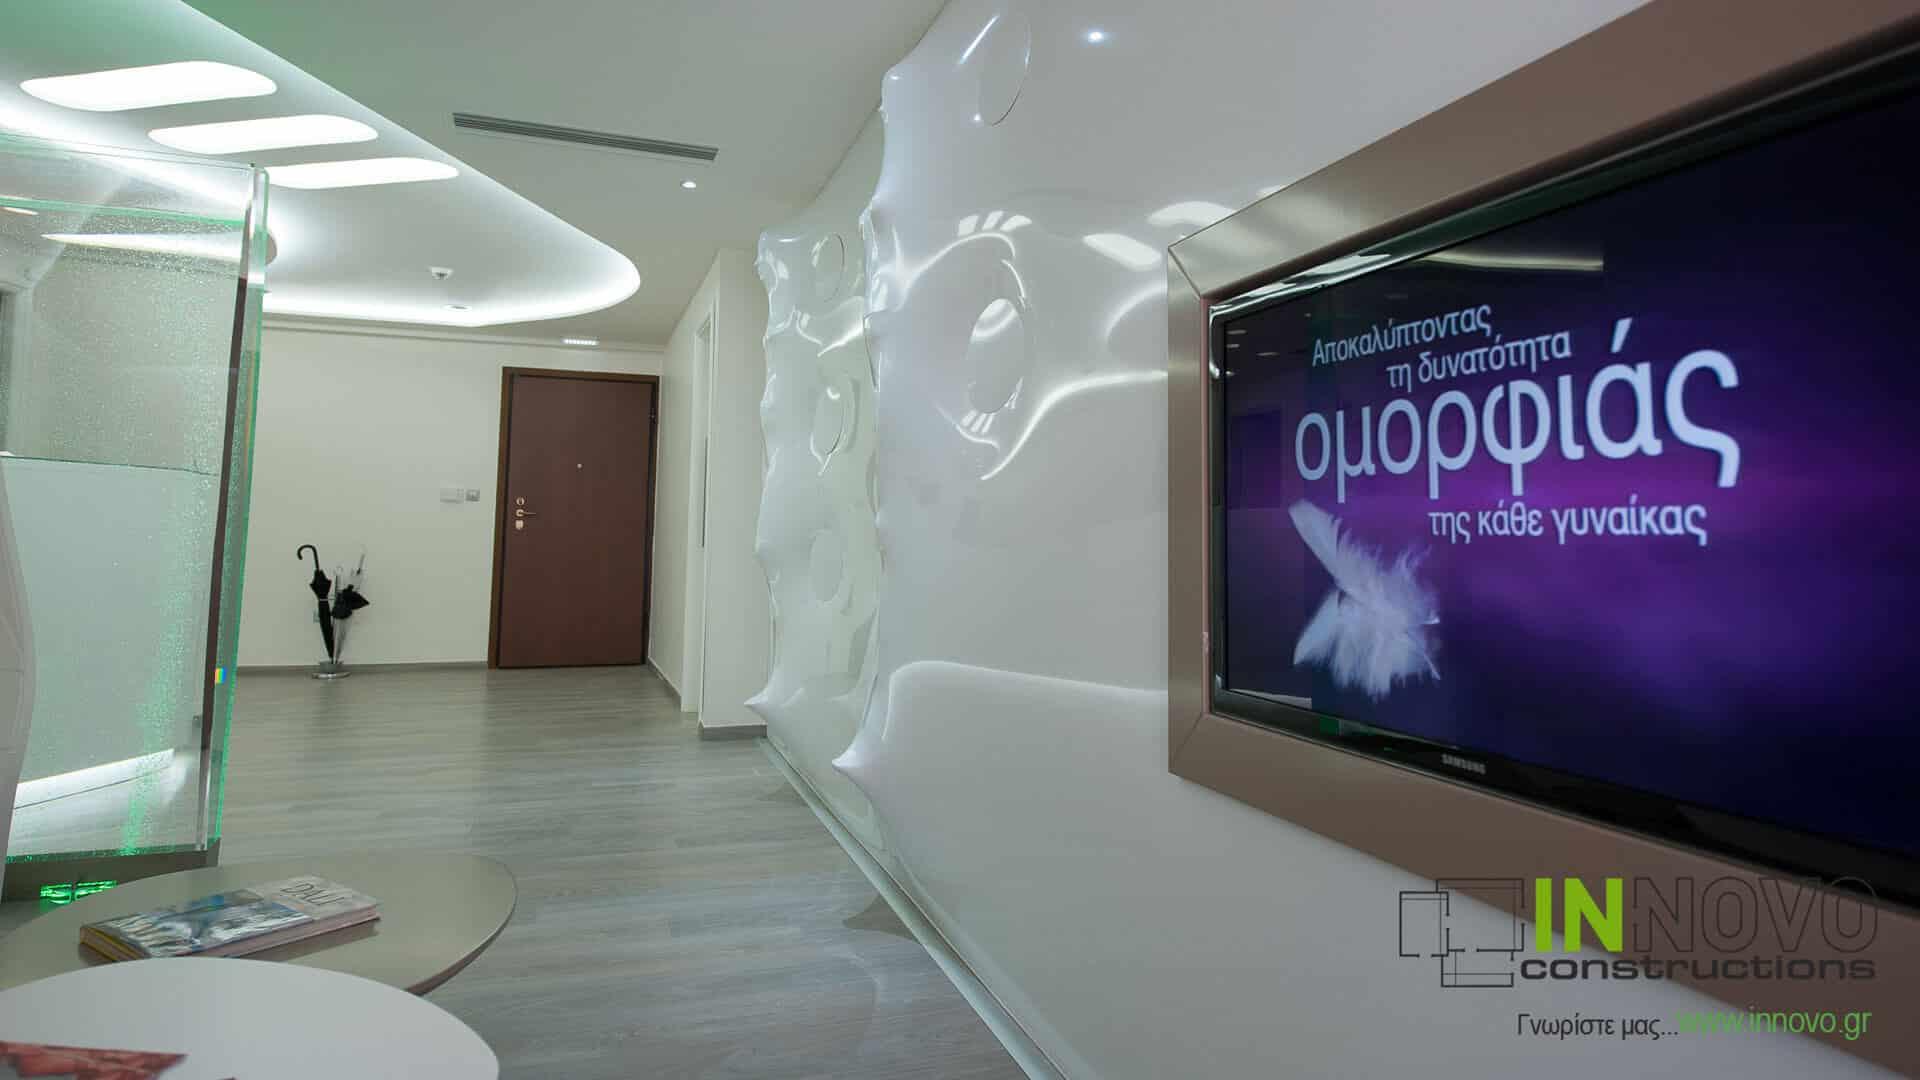 Σχεδιασμός ανακαίνισης Ιατρείου Πλαστικής Χειρουργικής στην Τρίπολη